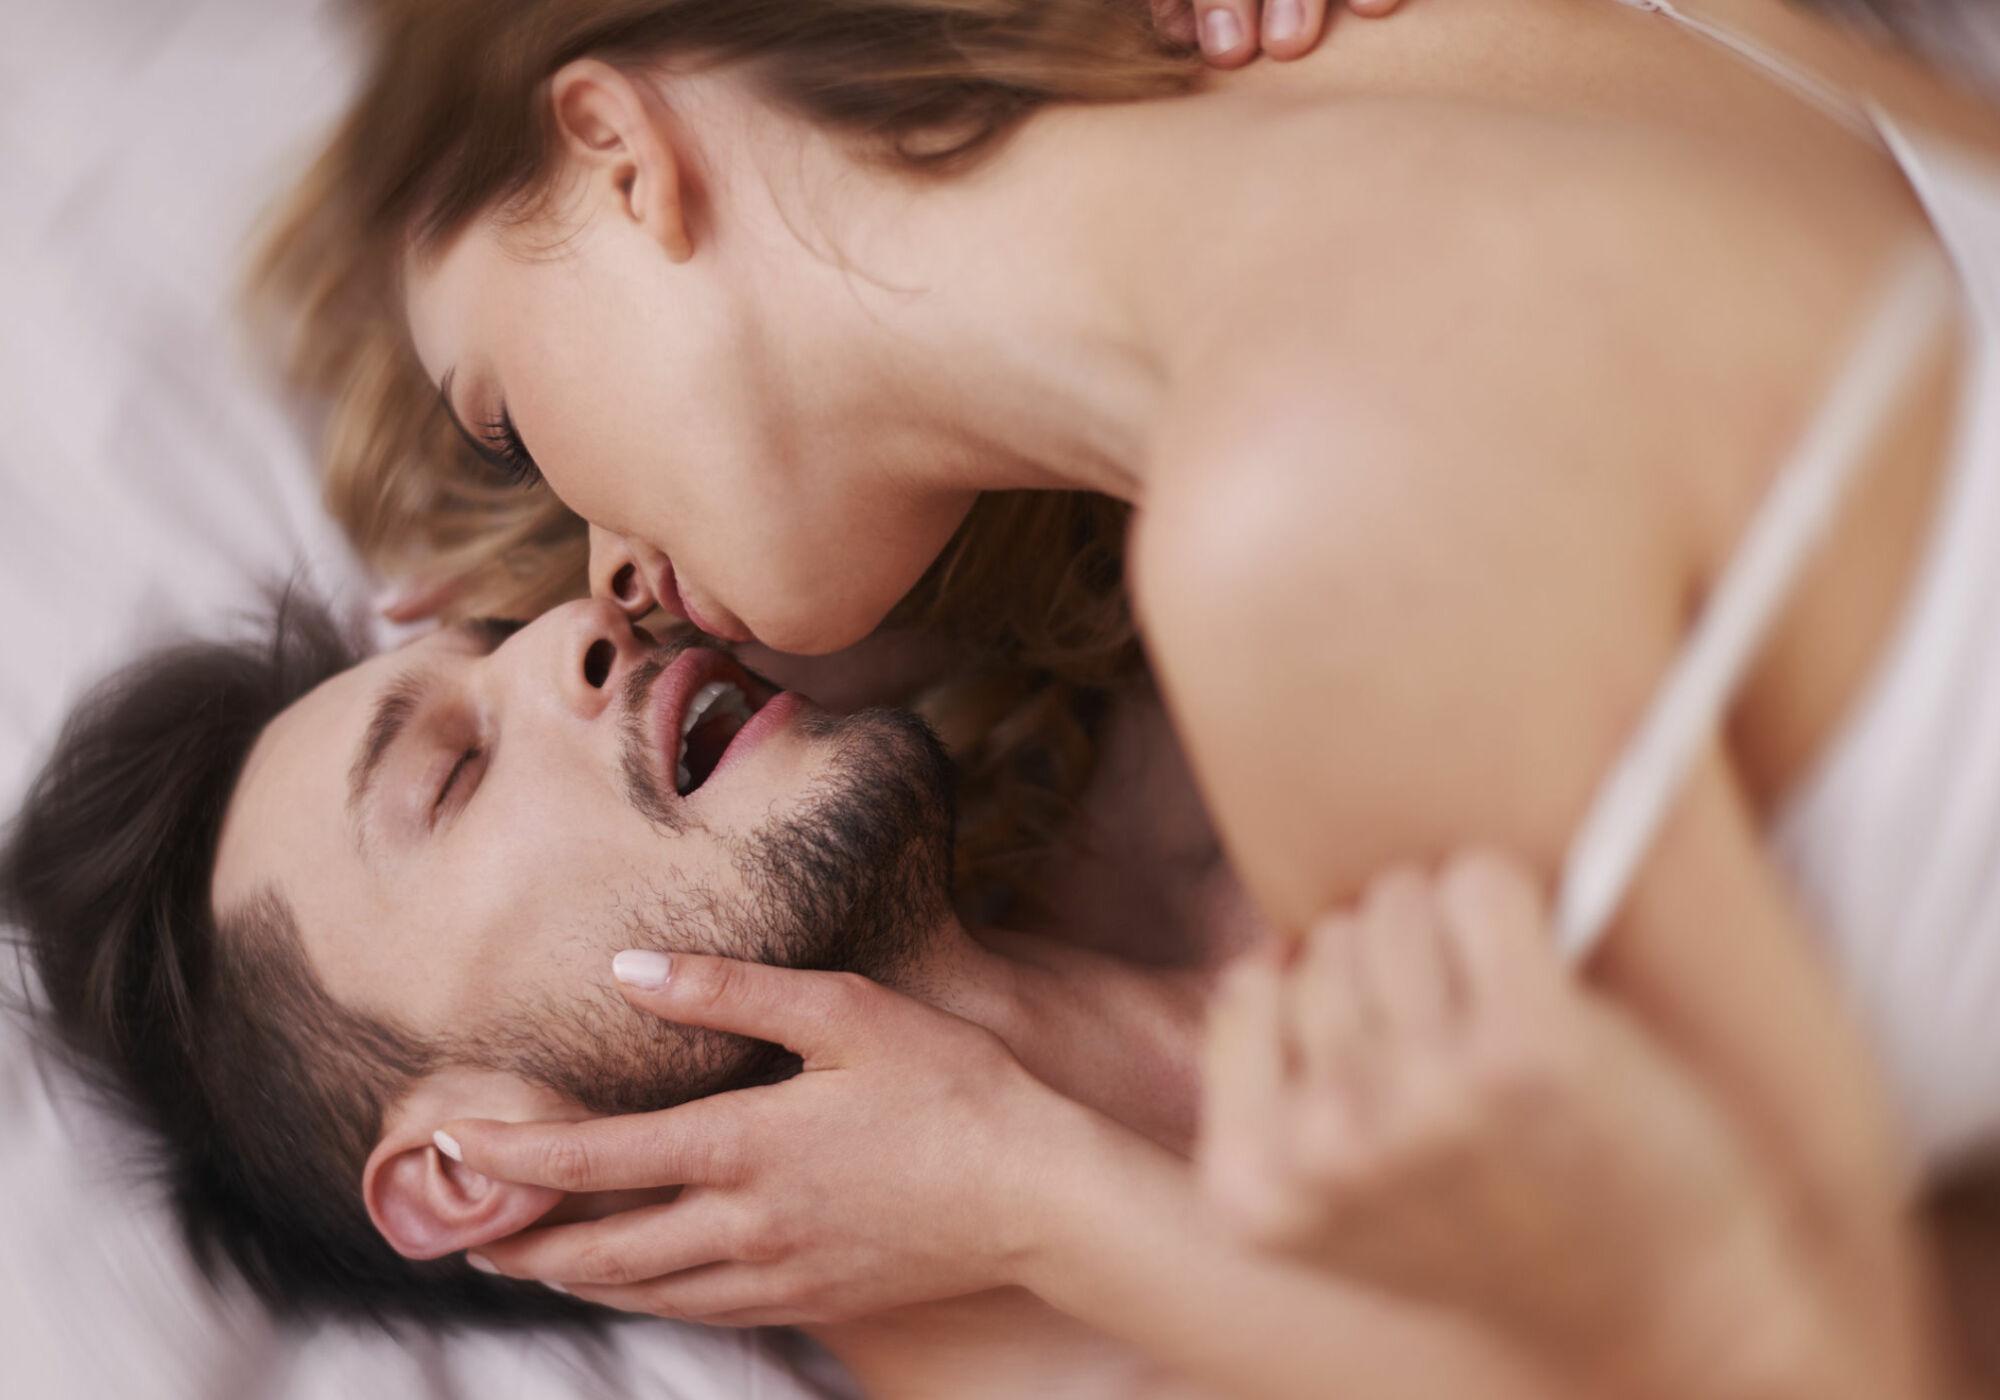 Секс вдвоем дома, Вдвоем Домашнее (найденопорно видео роликов) 12 фотография